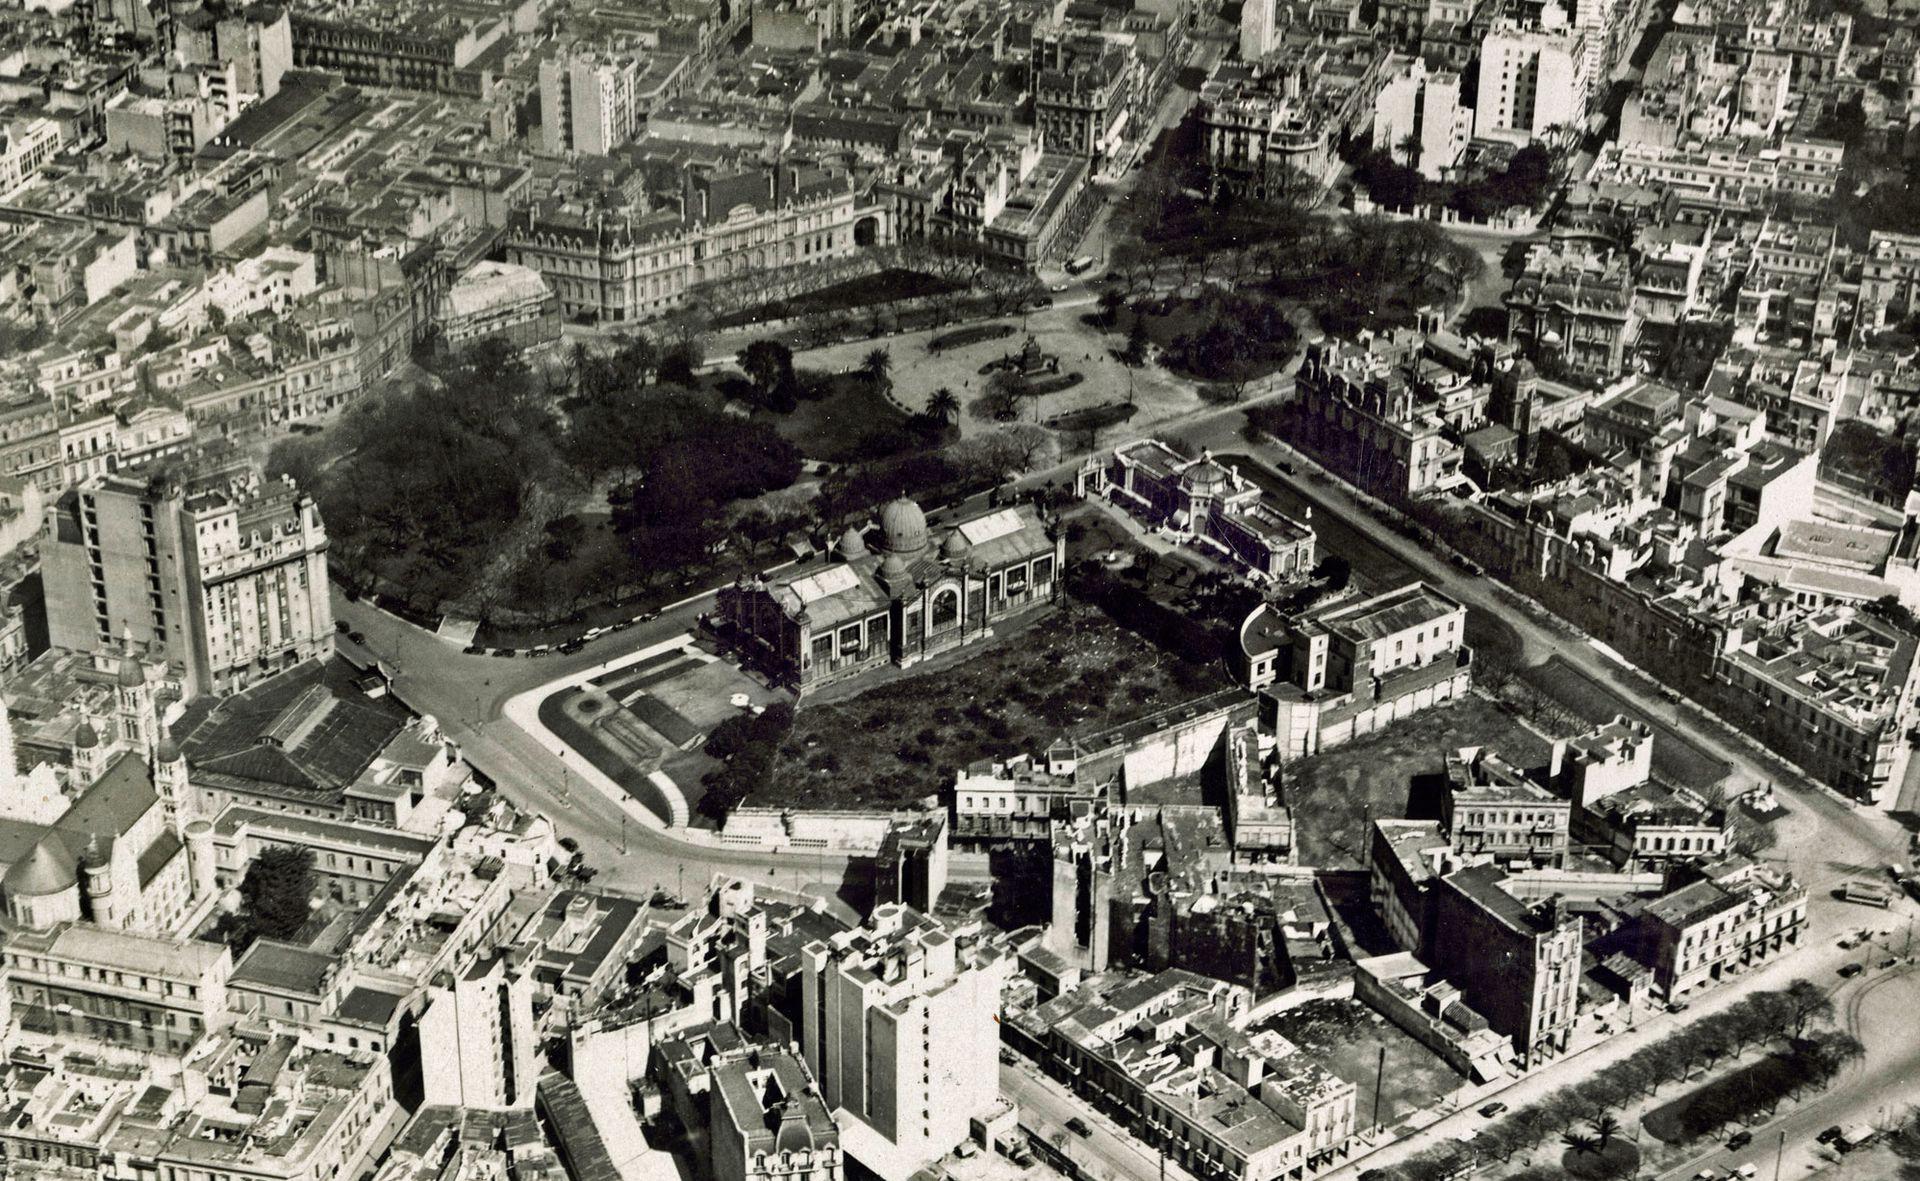 Vista aérea de la plaza San Martín y el Pabellón Argentino. Circa 1929.